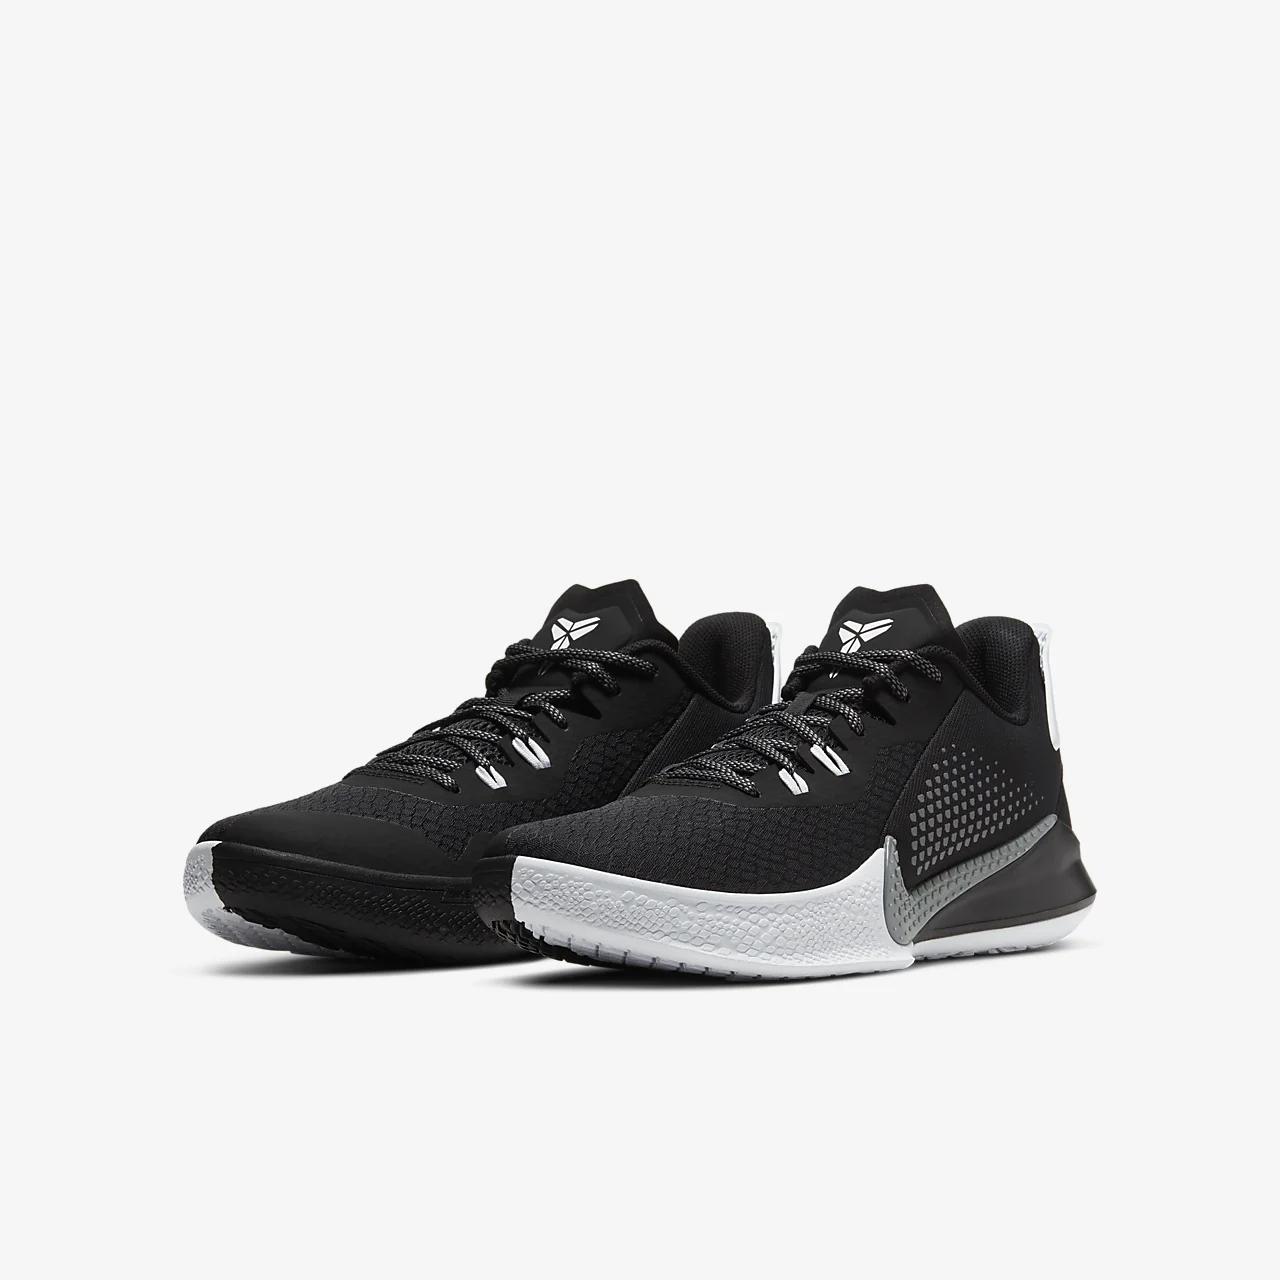 유럽직배송 나이키 NIKE Mamba Fury Basketball Shoe CK2087-001